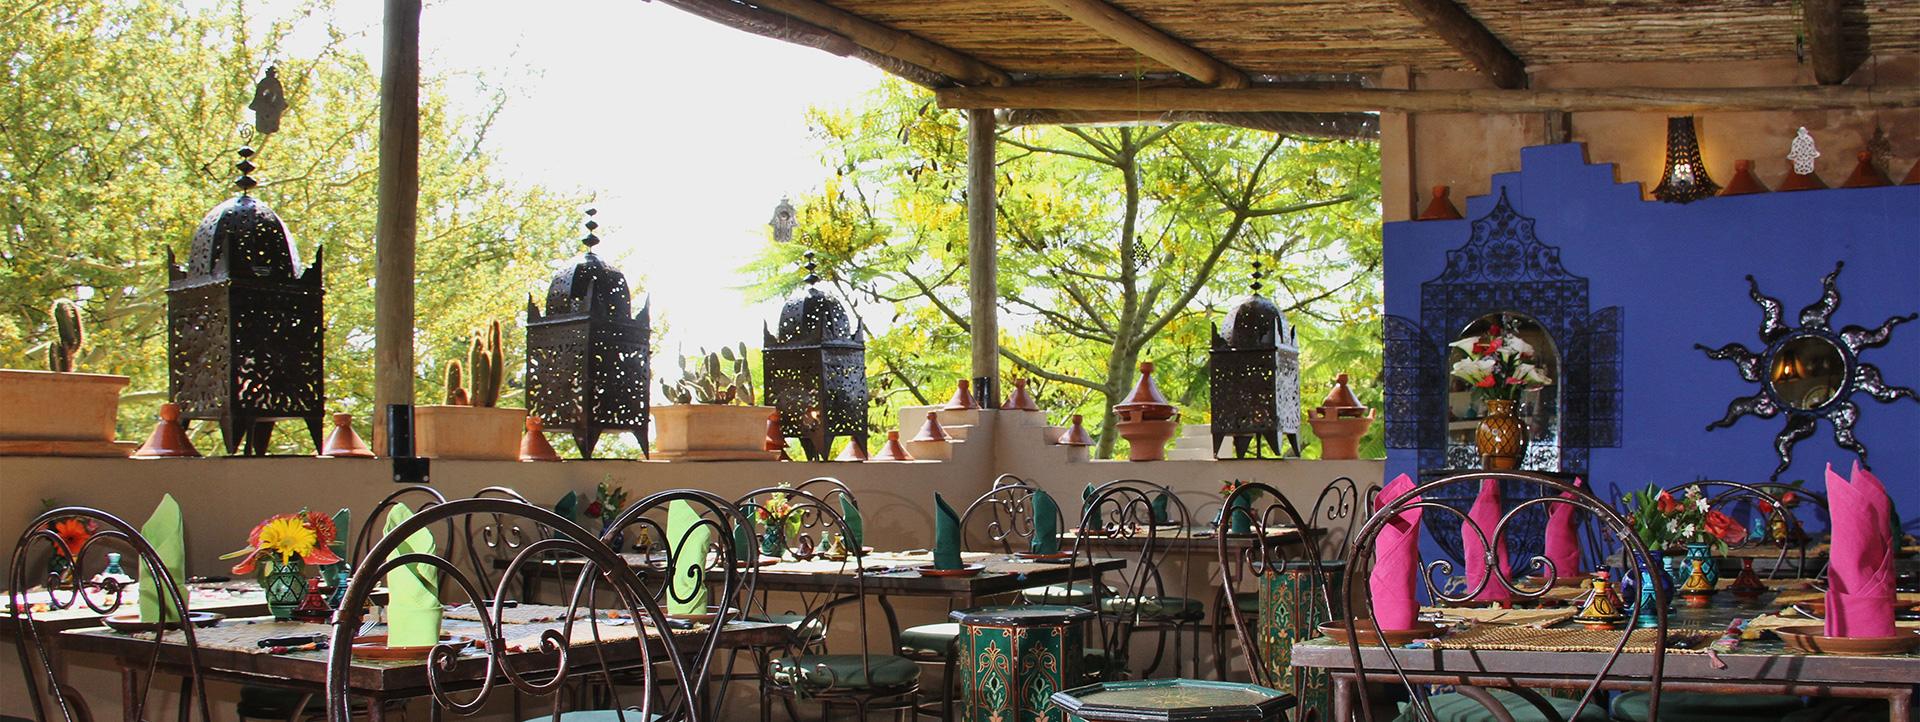 Rooftop Cafe Deli Restaurant And Deli In Pretoria